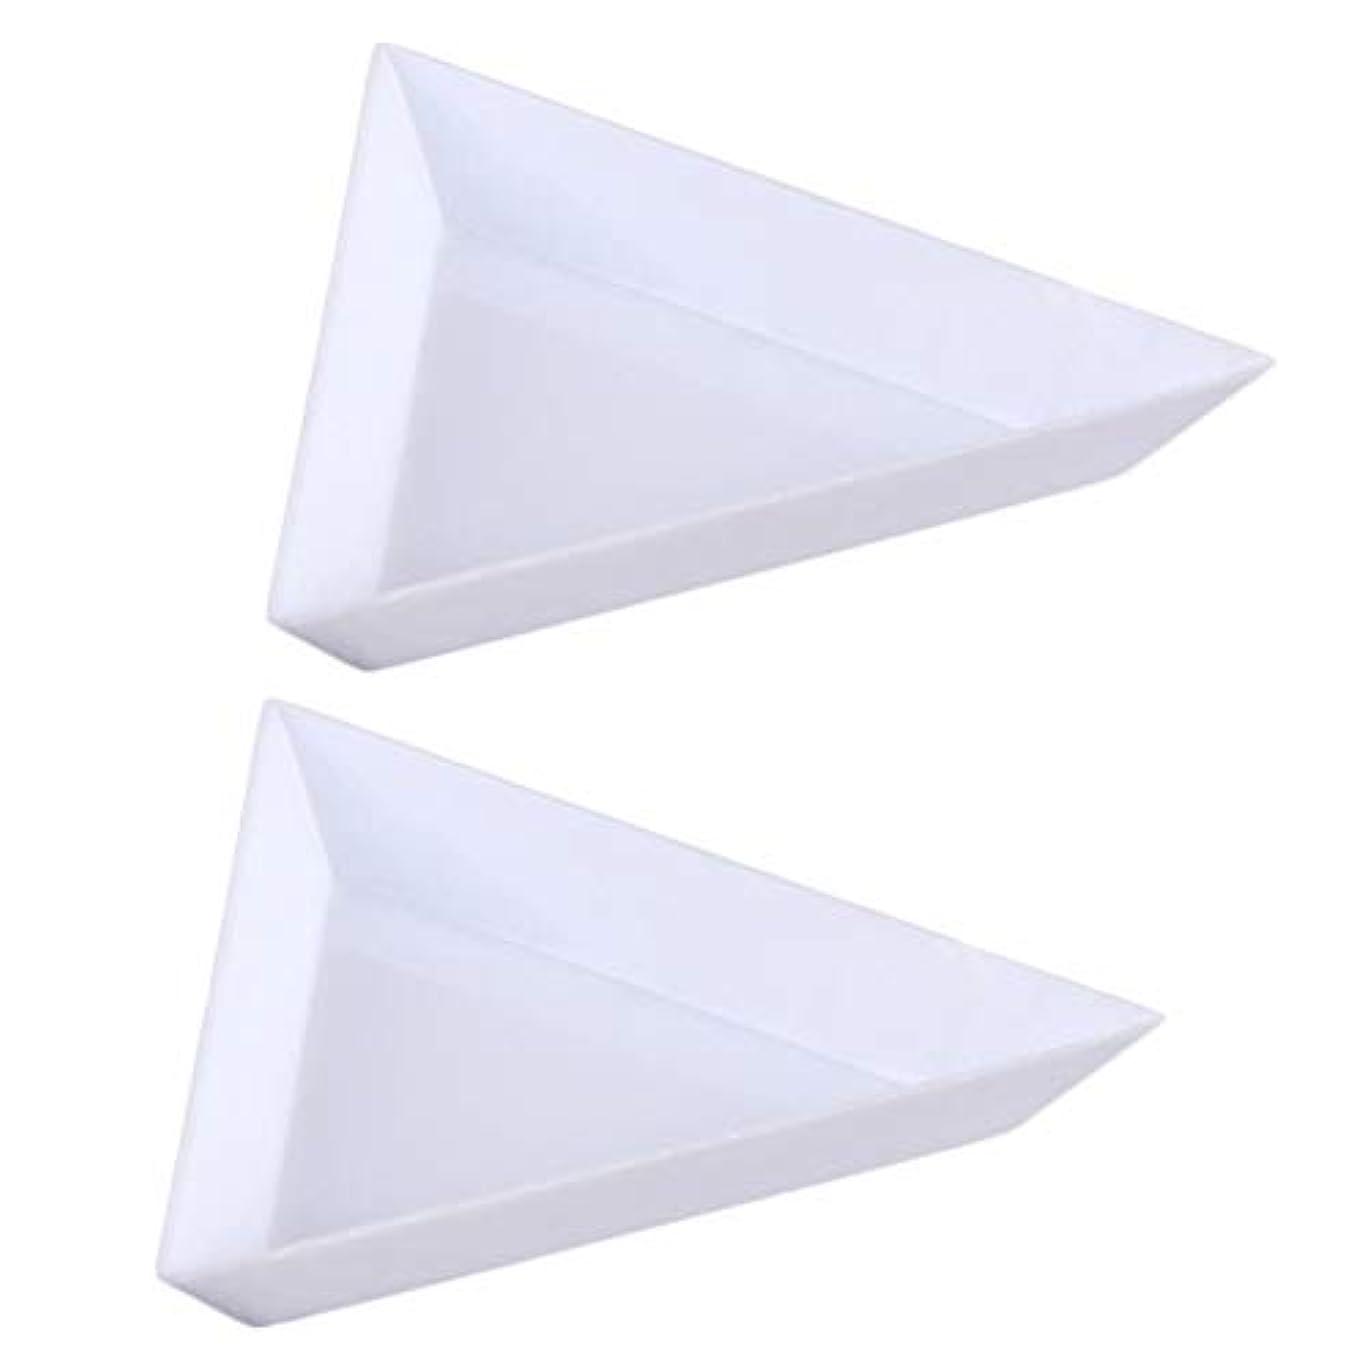 故障中白い揮発性ACAMPTAR 10個三角コーナープラスチックラインストーンビーズ 結晶 ネイルアートソーティングトレイアクセサリー白 DiyネイルアートデコレーションDotting収納トレイ オーガニゼーションに最適